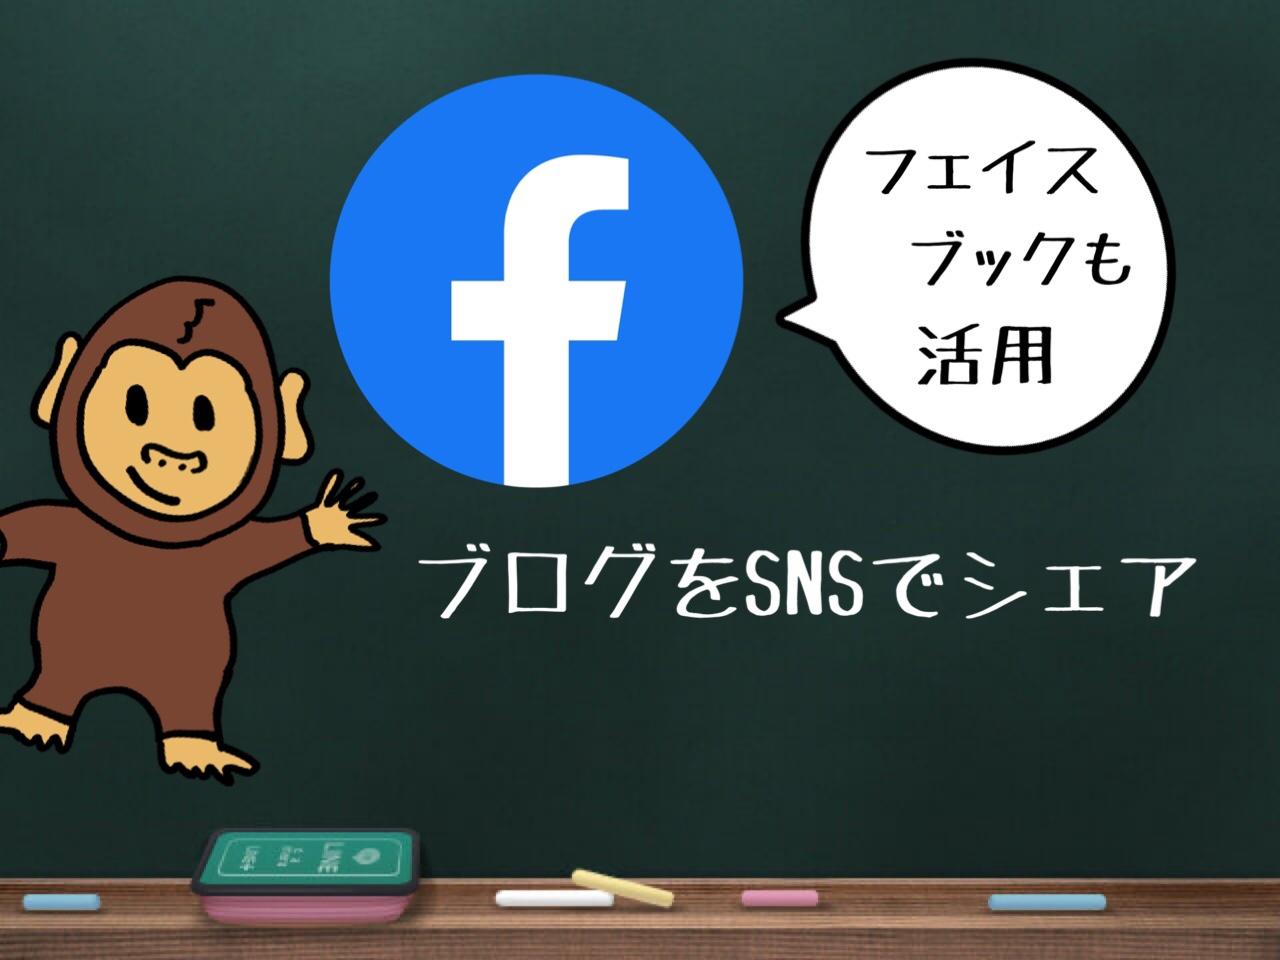 アクセスアップ挑戦記(12) Facebookページでもシェア開始した